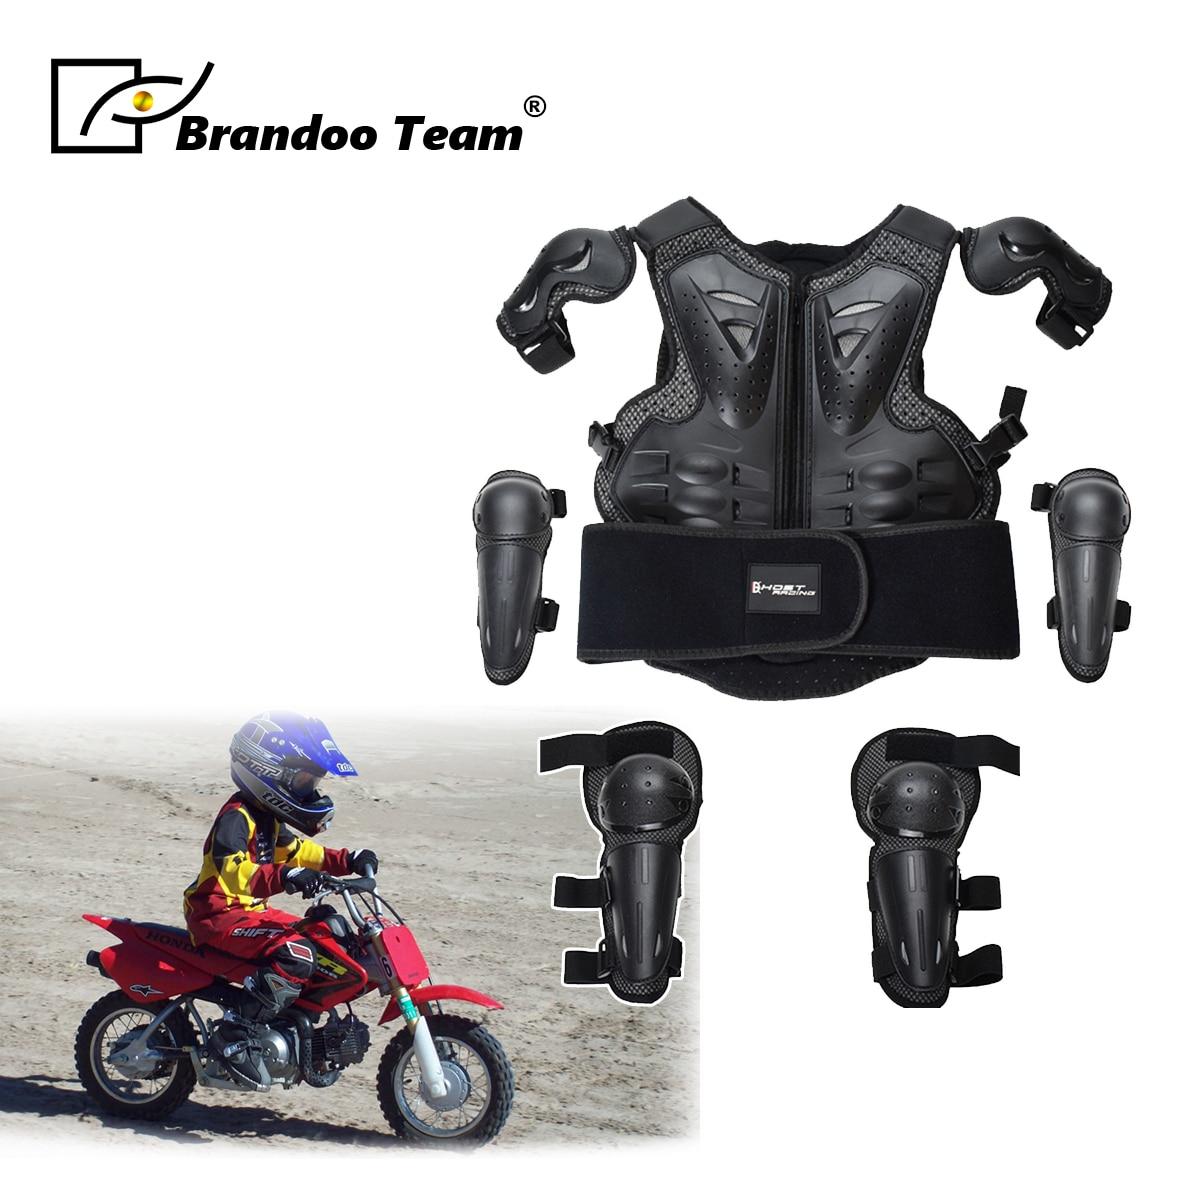 Enfants complet corps protecteur gilet armure enfants Motocross armure veste poitrine colonne vertébrale Protection équipement coude épaule genou garde